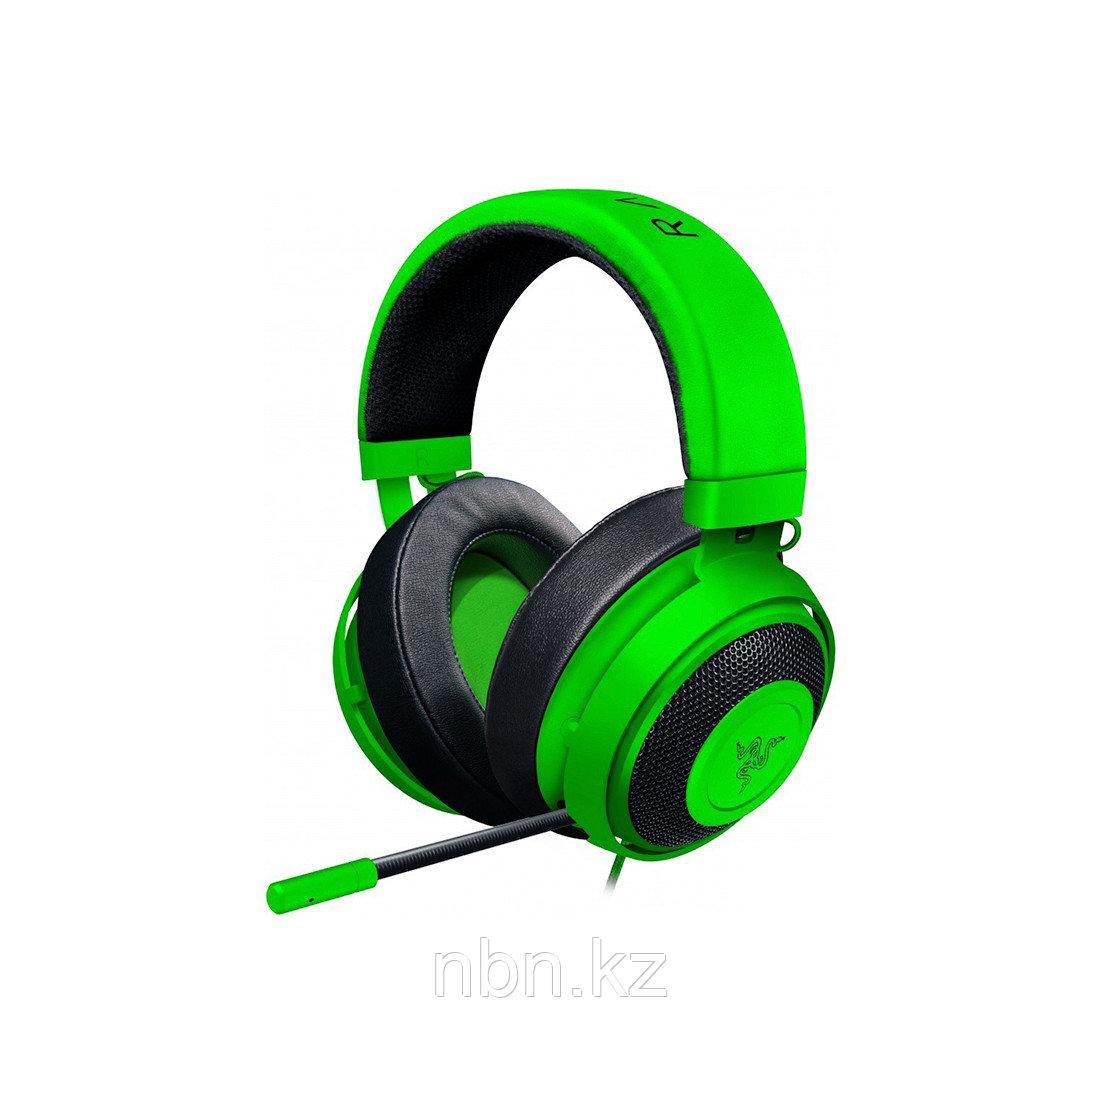 Наушники Razer Kraken Pro V2 Oval Green (3,5мм)